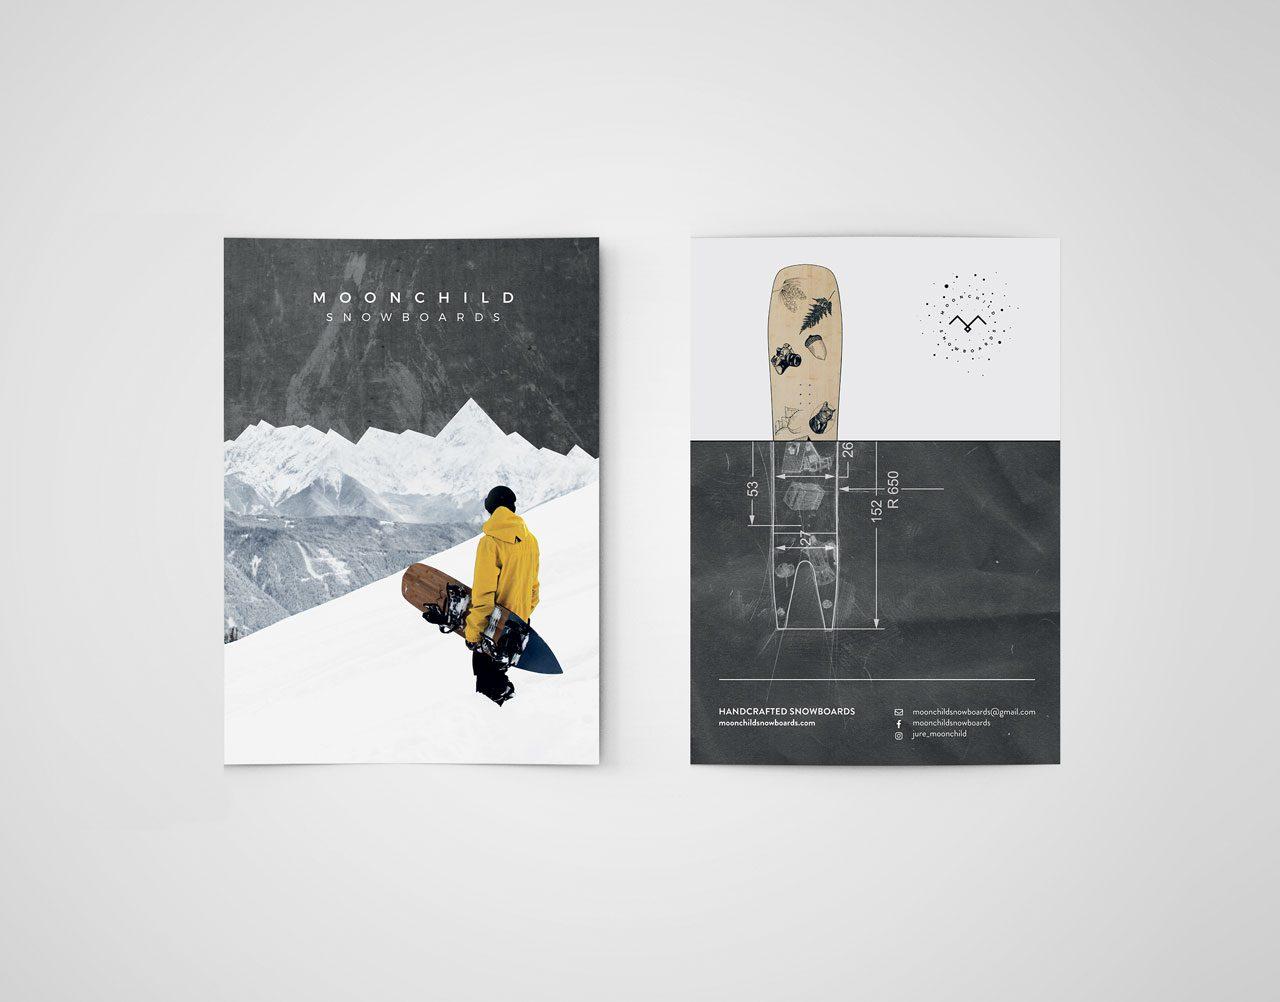 Moonchild snowboards letak oblikovanje